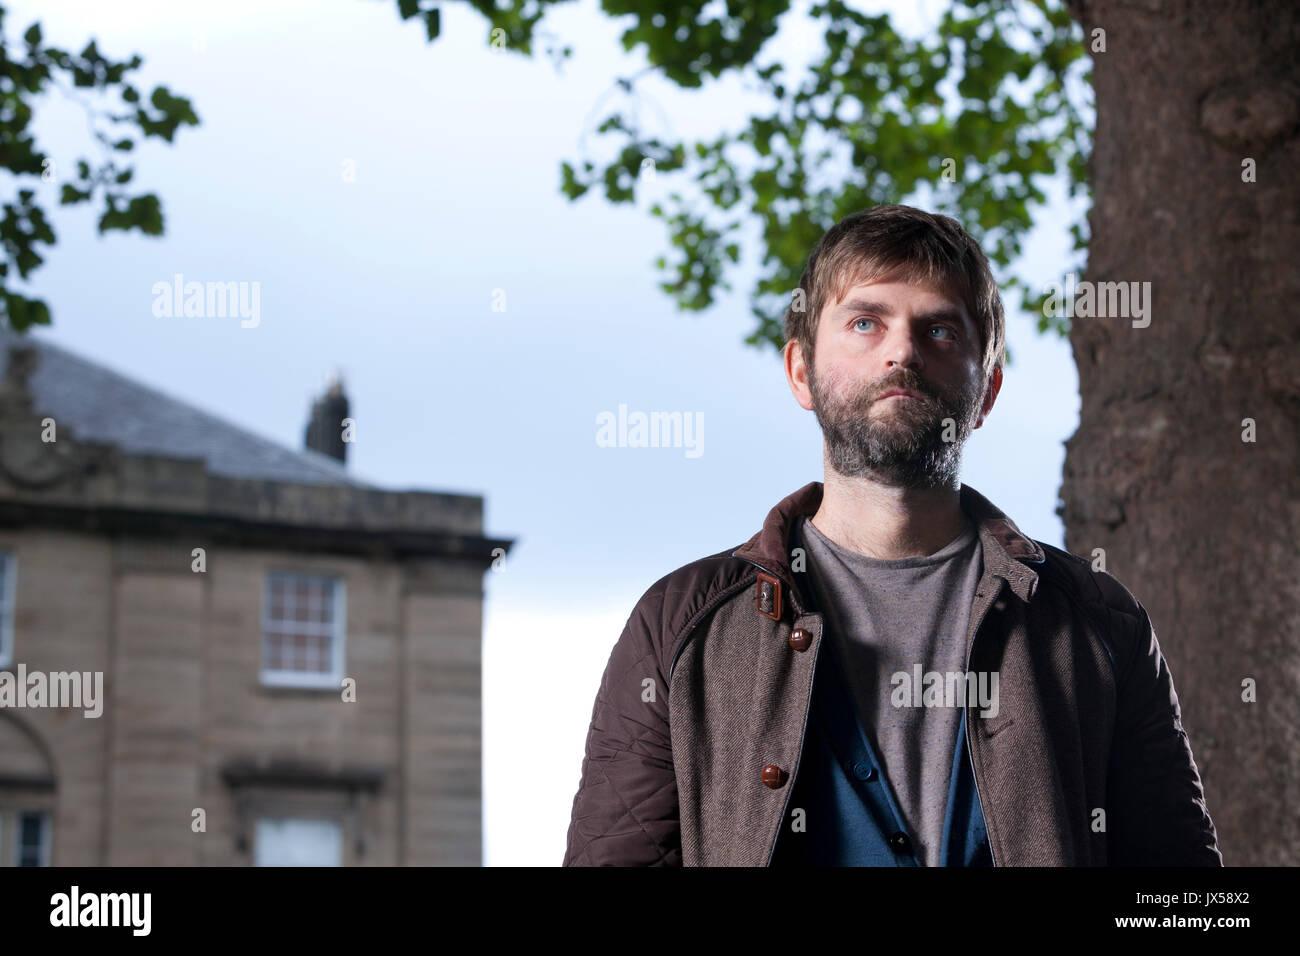 Edinburgh, Großbritannien. 14. August 2017. Martin MacInnes, der schottische Schriftsteller, beim Edinburgh International Stockfoto